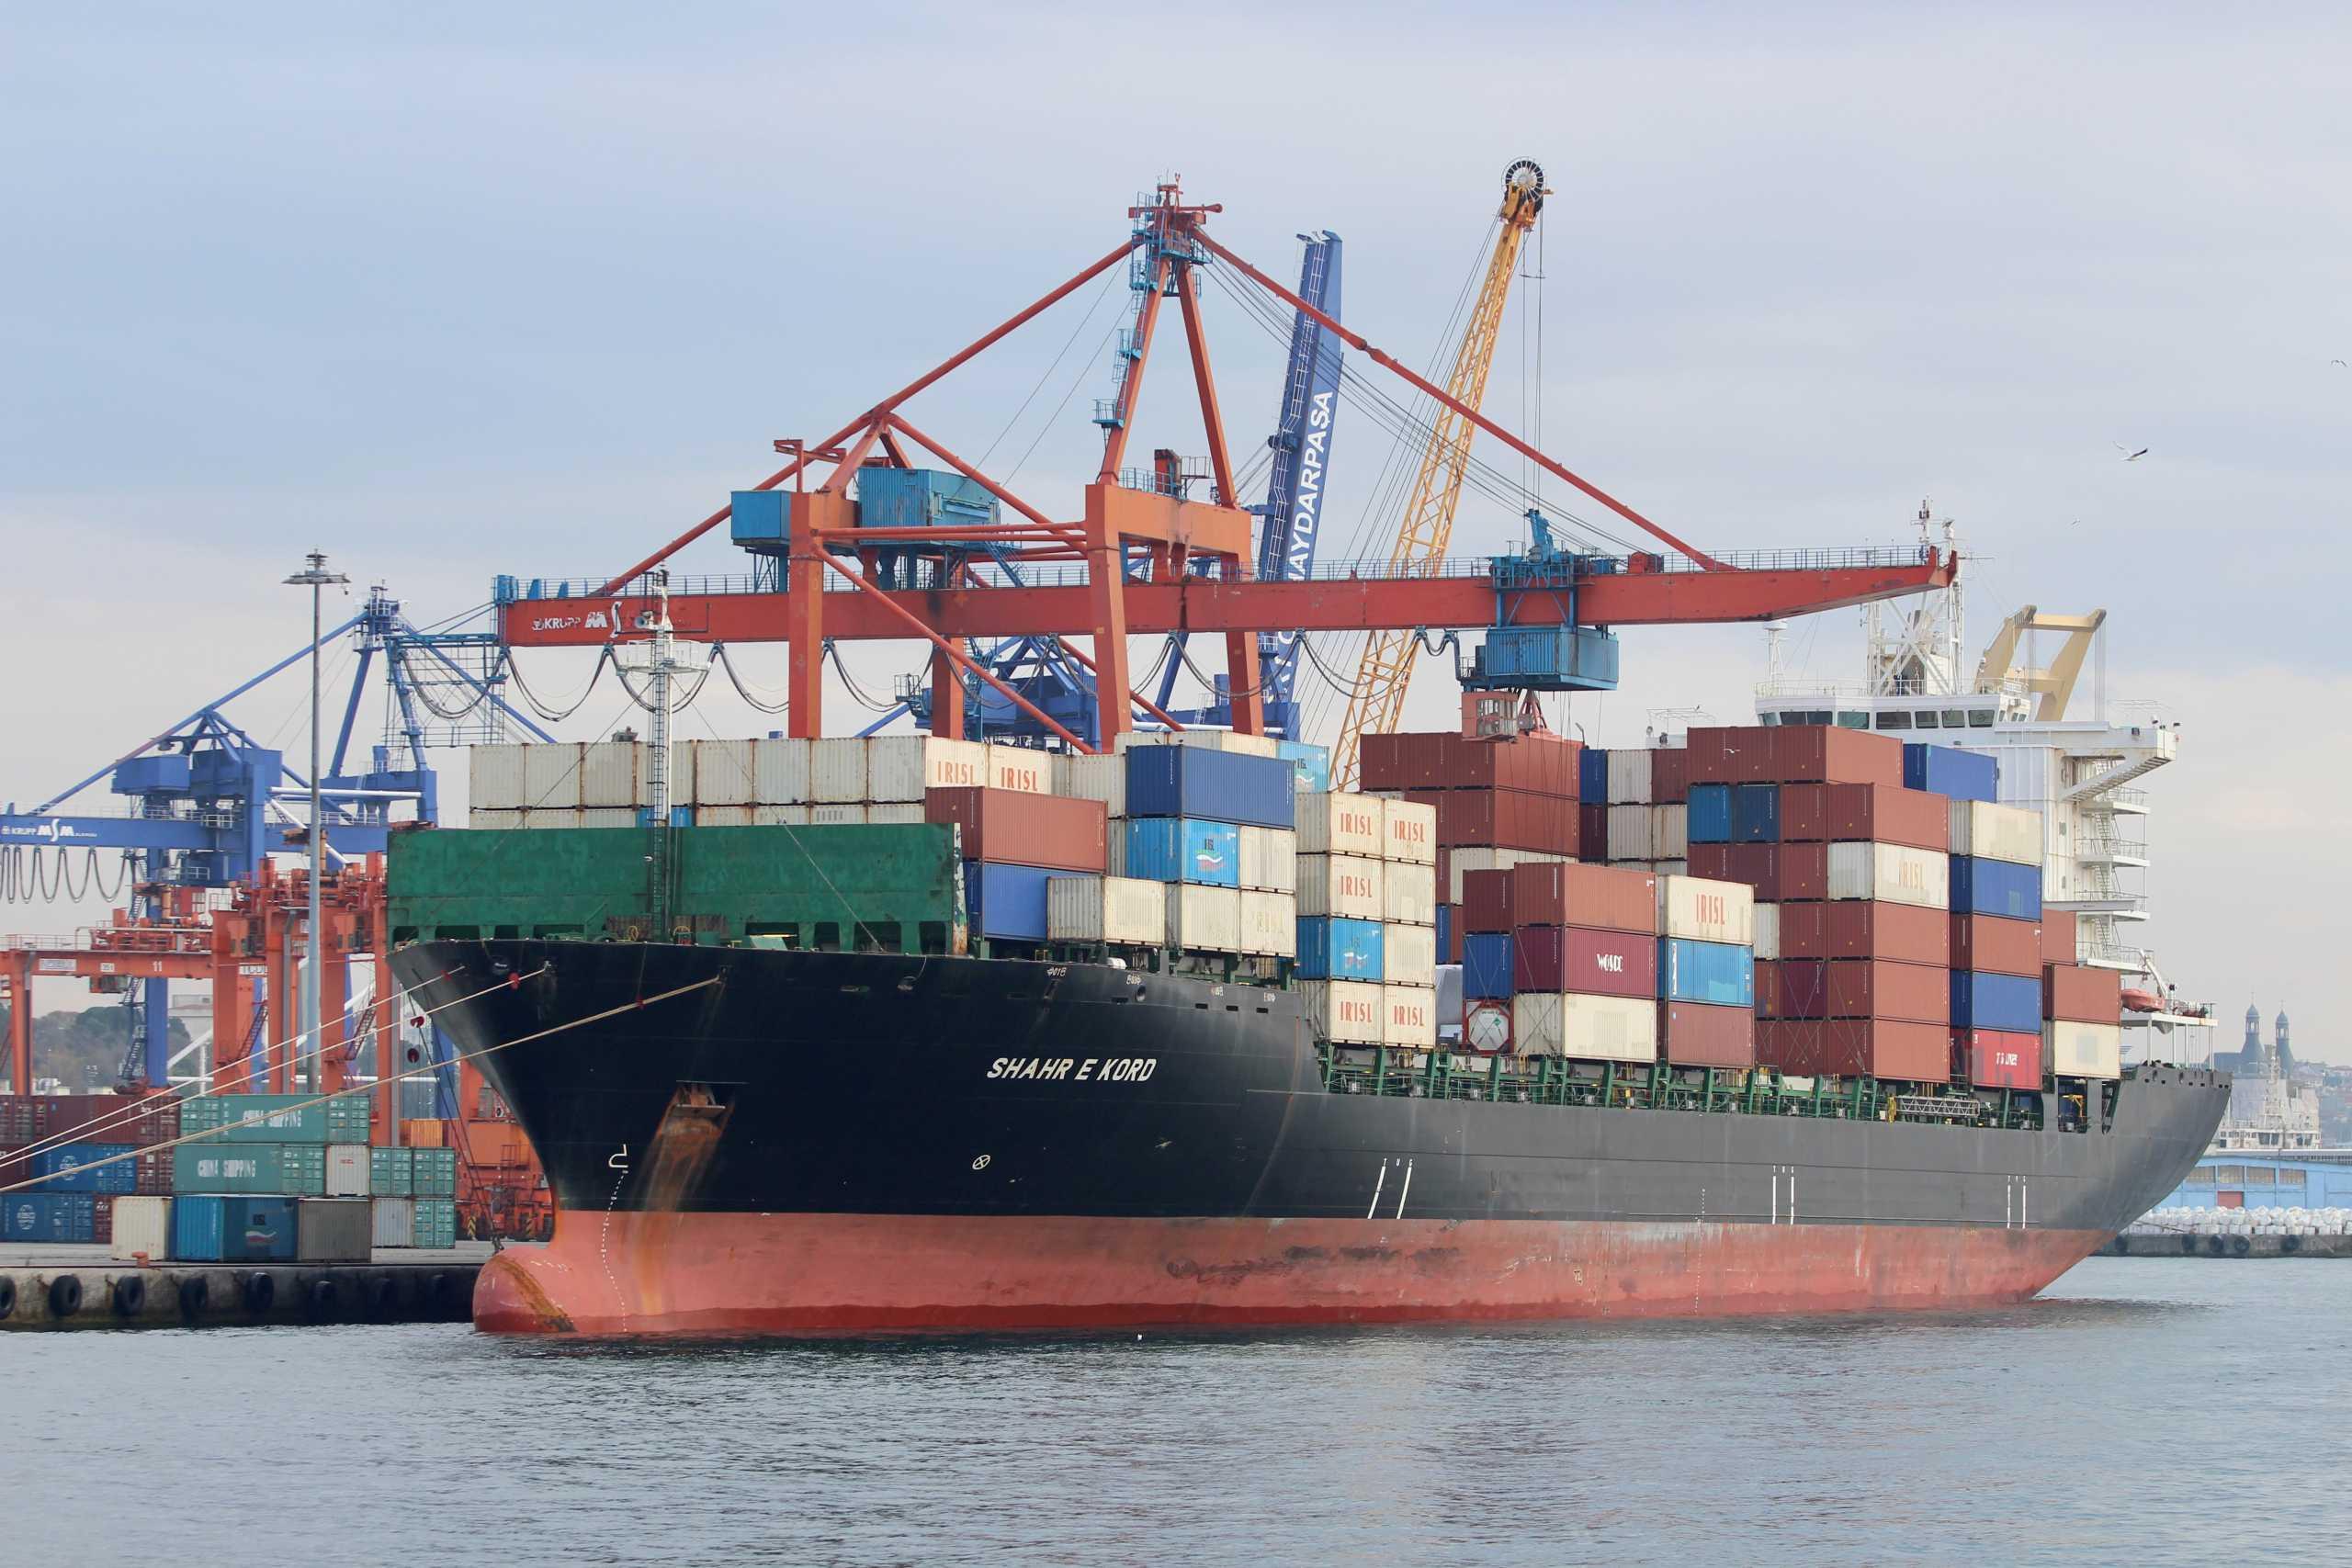 Ιράν: «Σαμποτάζ» κατά ιρανικού πλοίου στην Μεσόγειο καταγγέλλει η Τεχεράνη